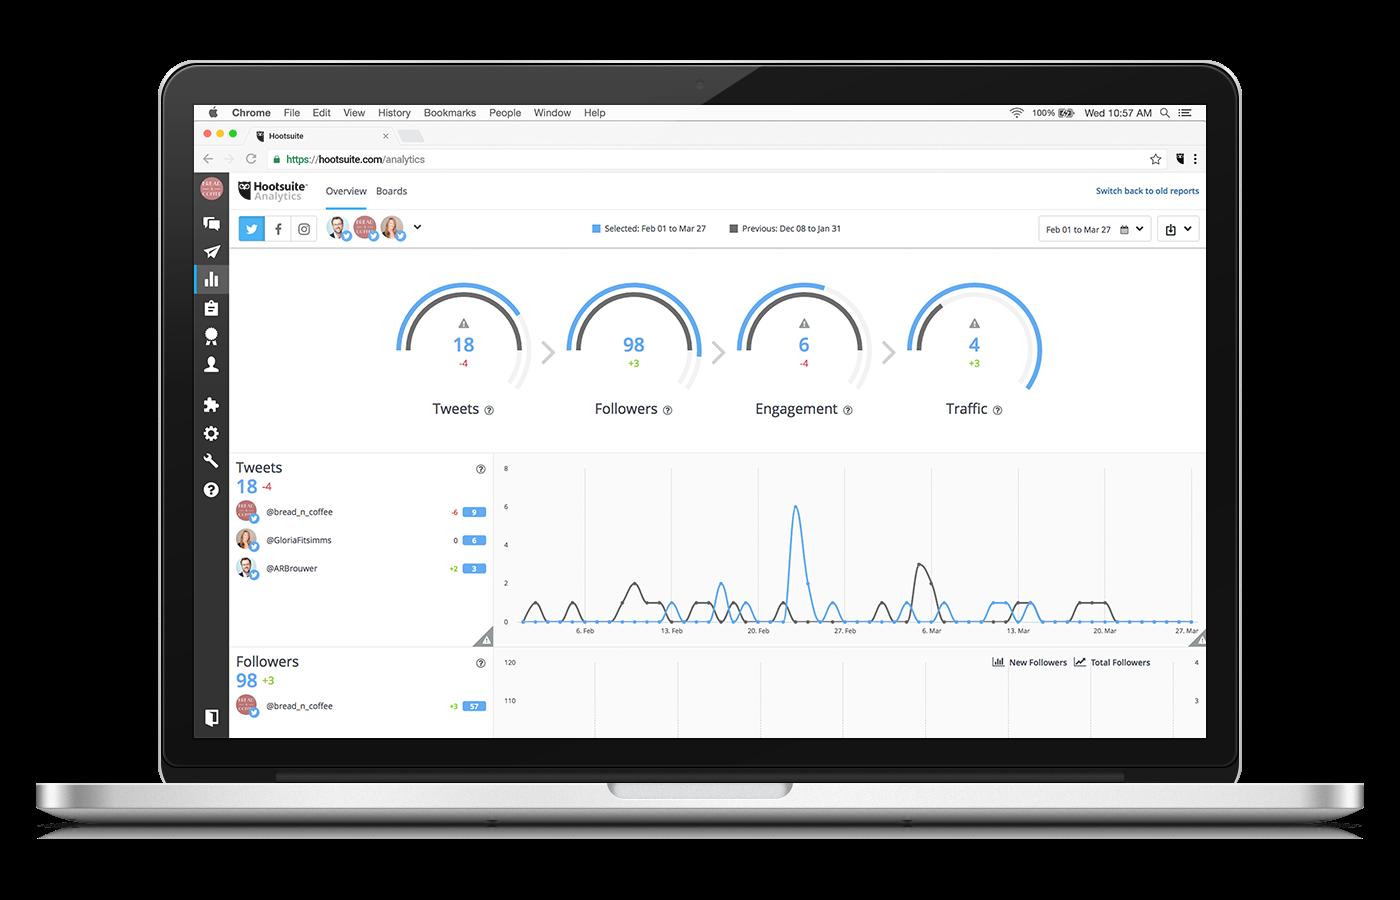 Screenshot of Hootsuite analytics dashboard.